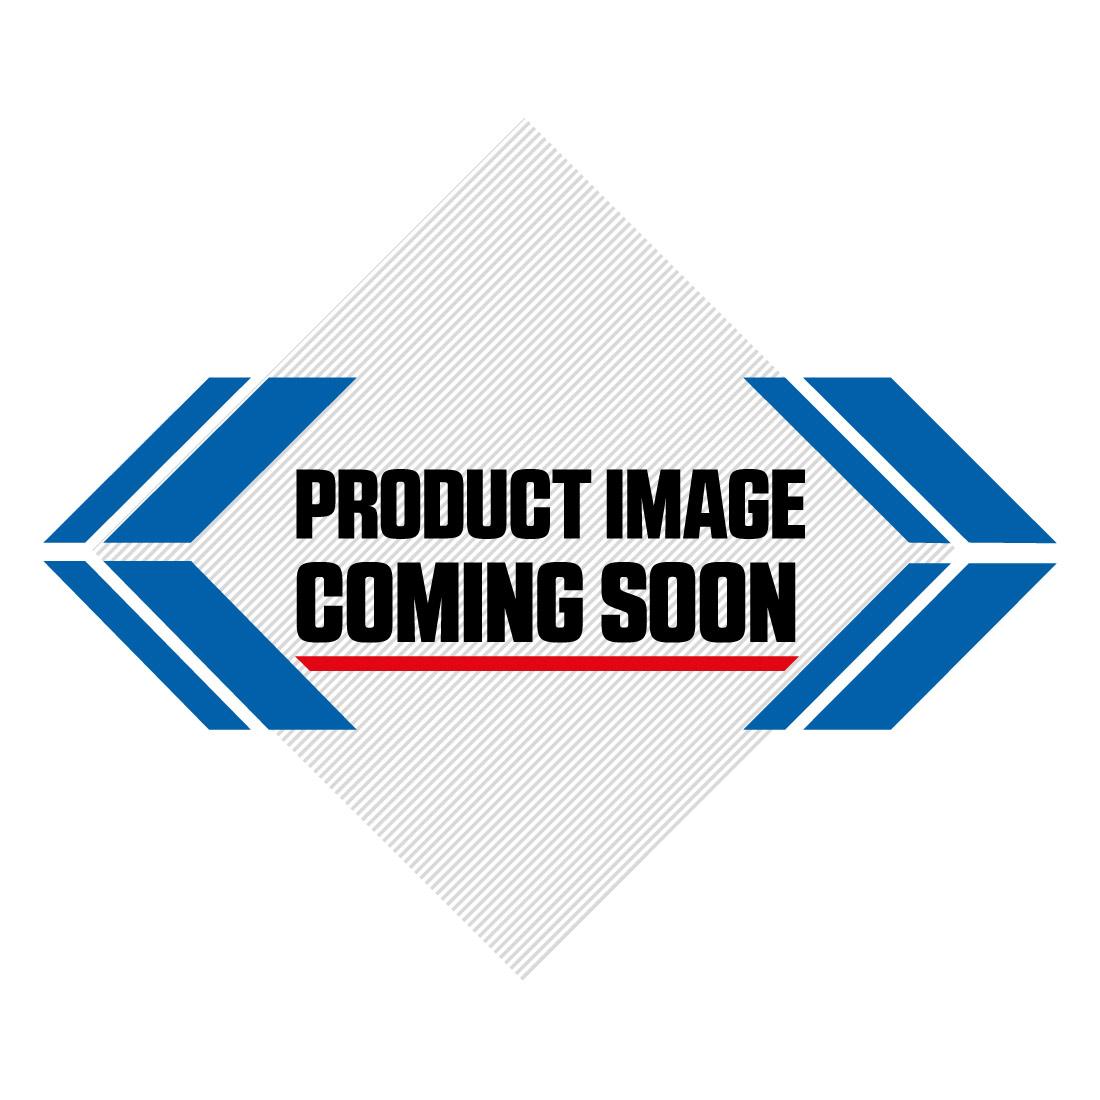 Husqvarna Plastic Kit OEM Factory (07-08) Image-0